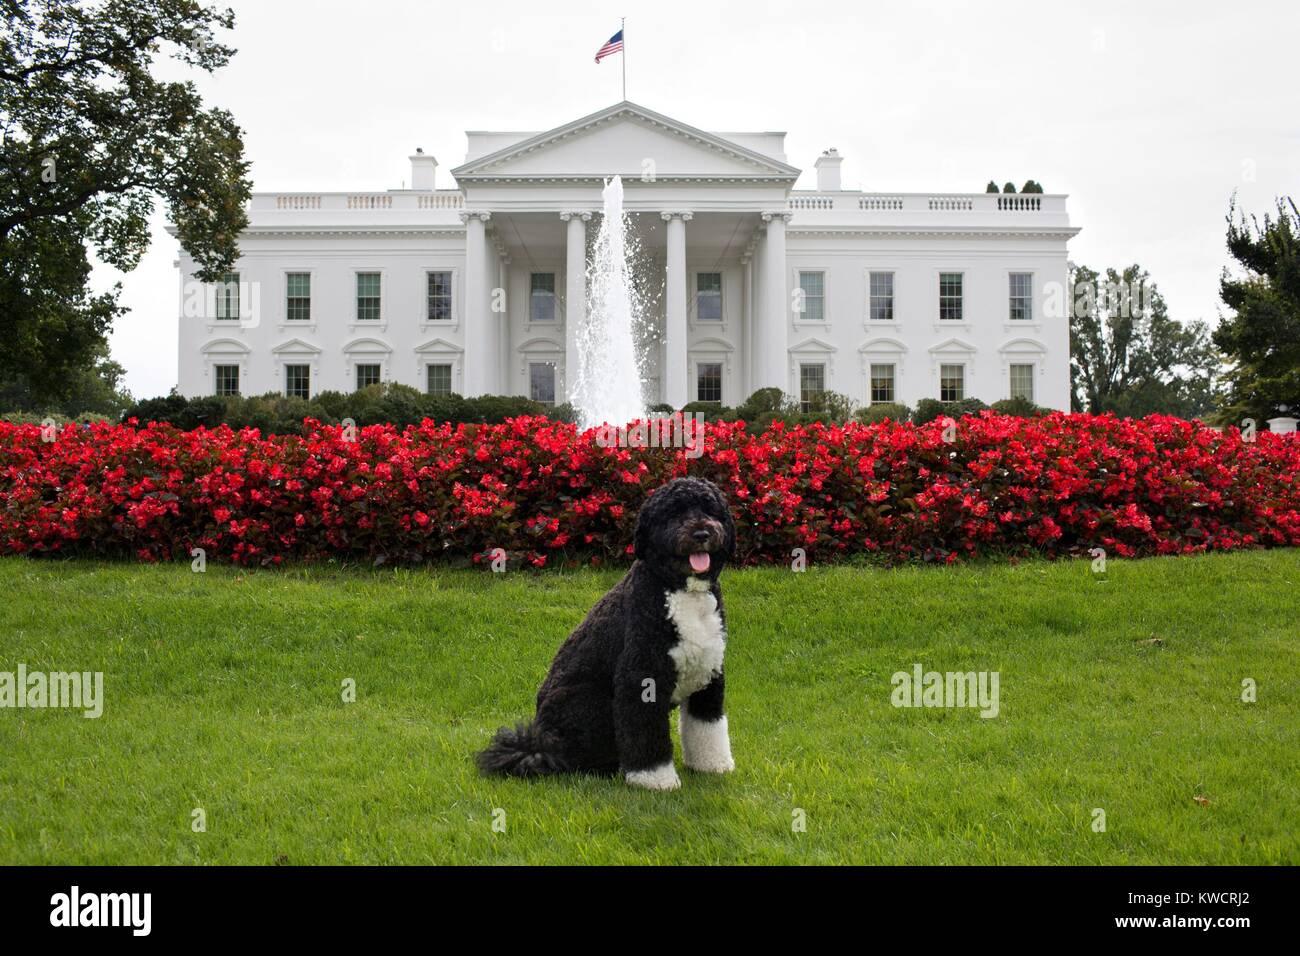 Bo, die Familie Obama Hund, auf der Rasenfläche des Weißen Hauses, Sept. 28, 2012. (BSLOC_2015_3_41) Stockbild